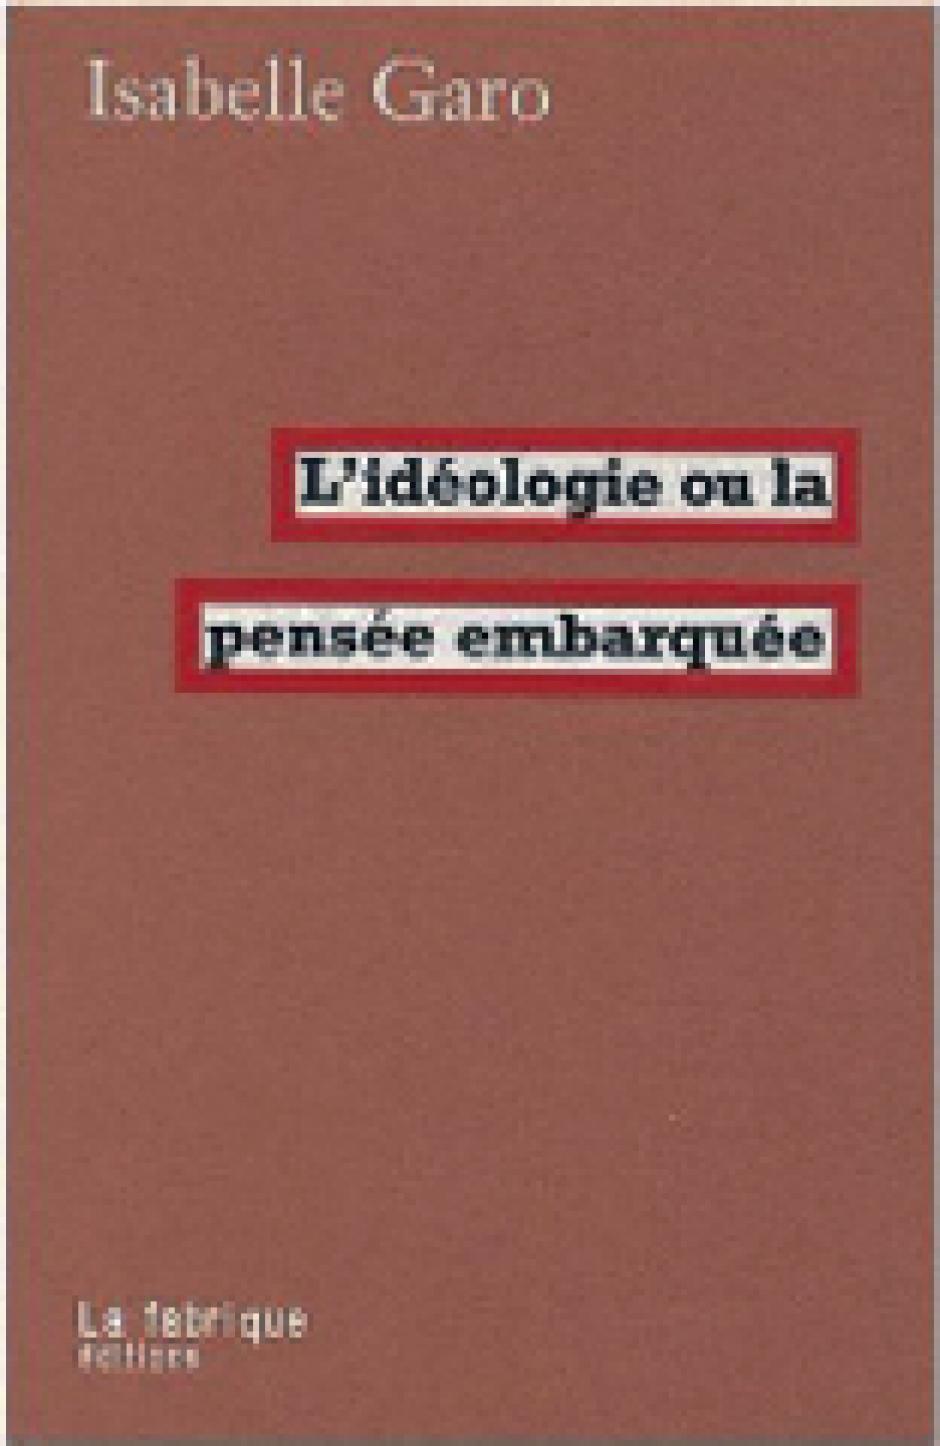 L'idéologie ou la pensée embarquée, Isabelle Garo